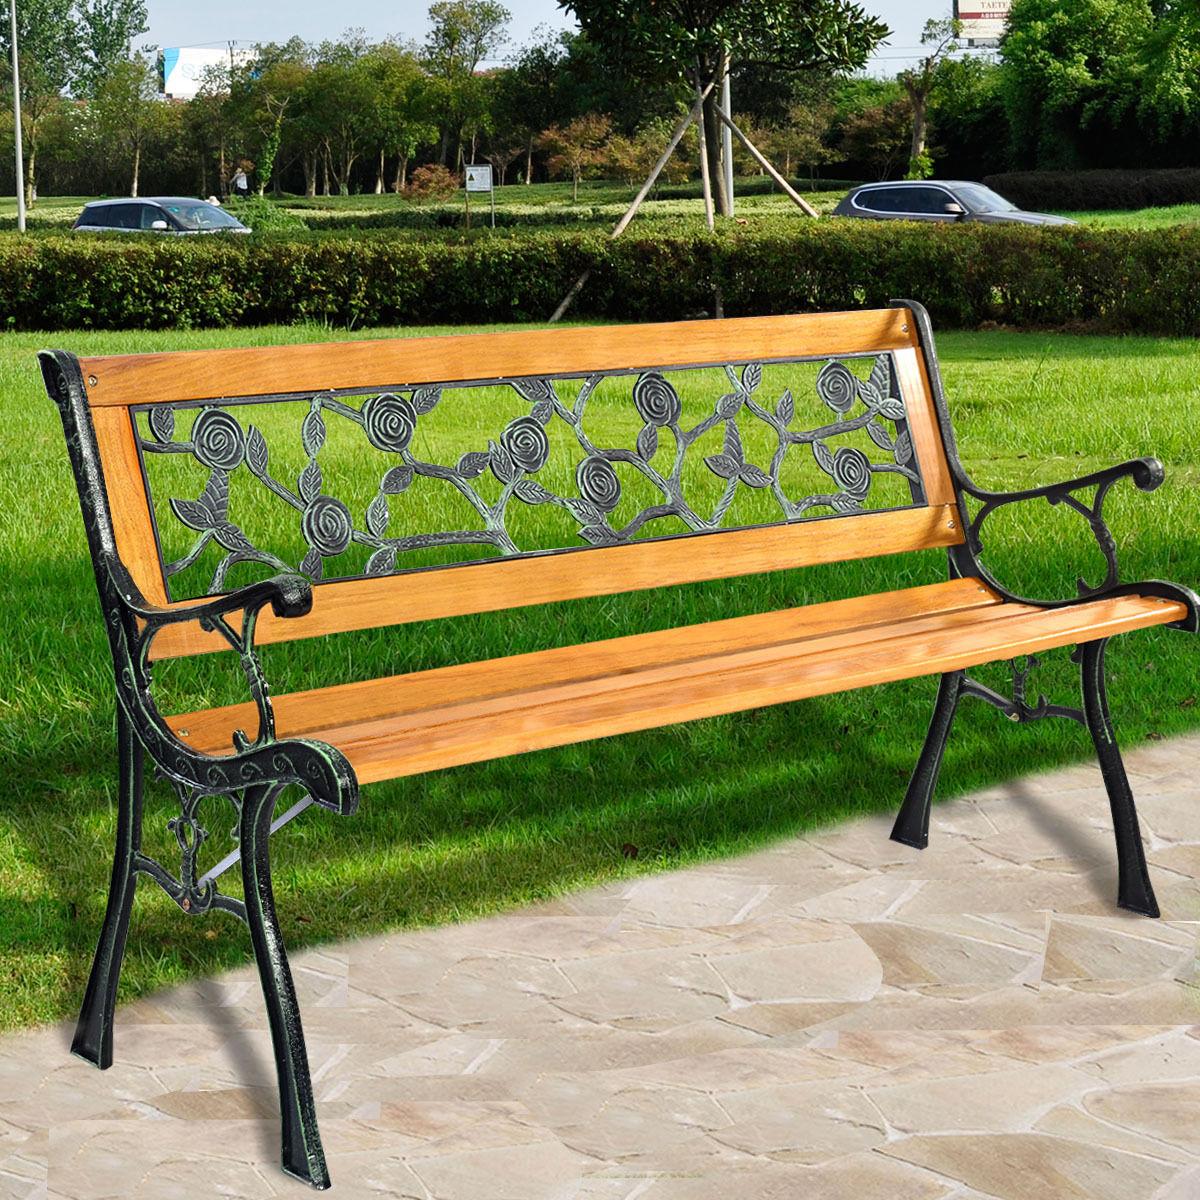 Giantex 49 1/2 Garden Furniture Classical Back Flowered Garden Bench Mental Patio Park Porch Chair OP2784 моторное масло motul garden 4t 10w 30 2 л